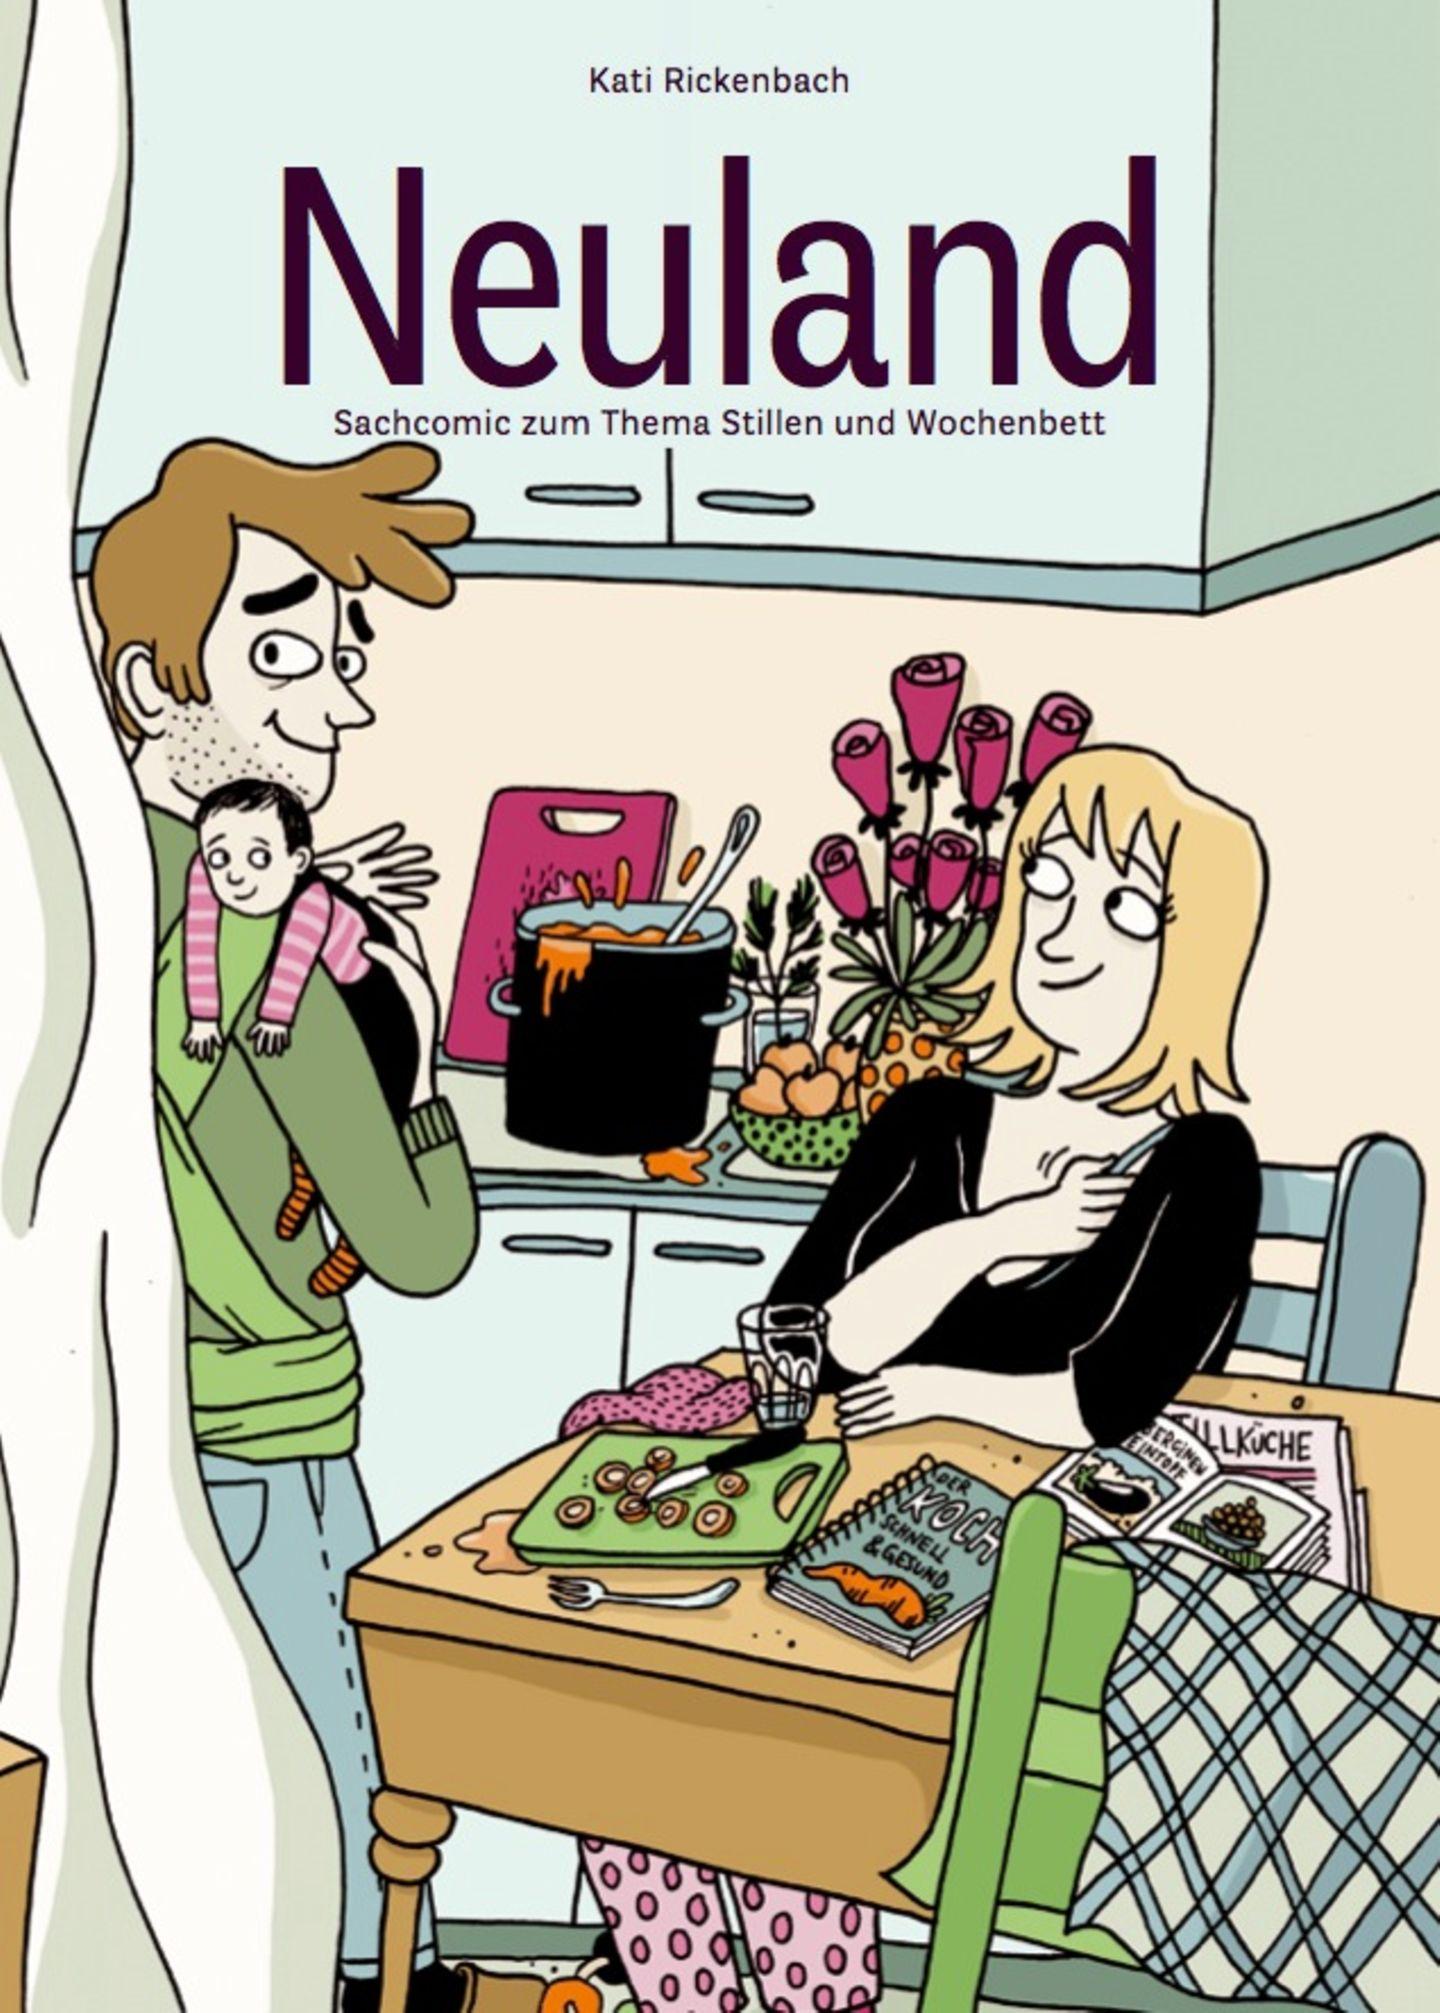 Der Sachcomic Neuland ist im Careum Verlag erschienen und hier für 31 CHF erhältlich.